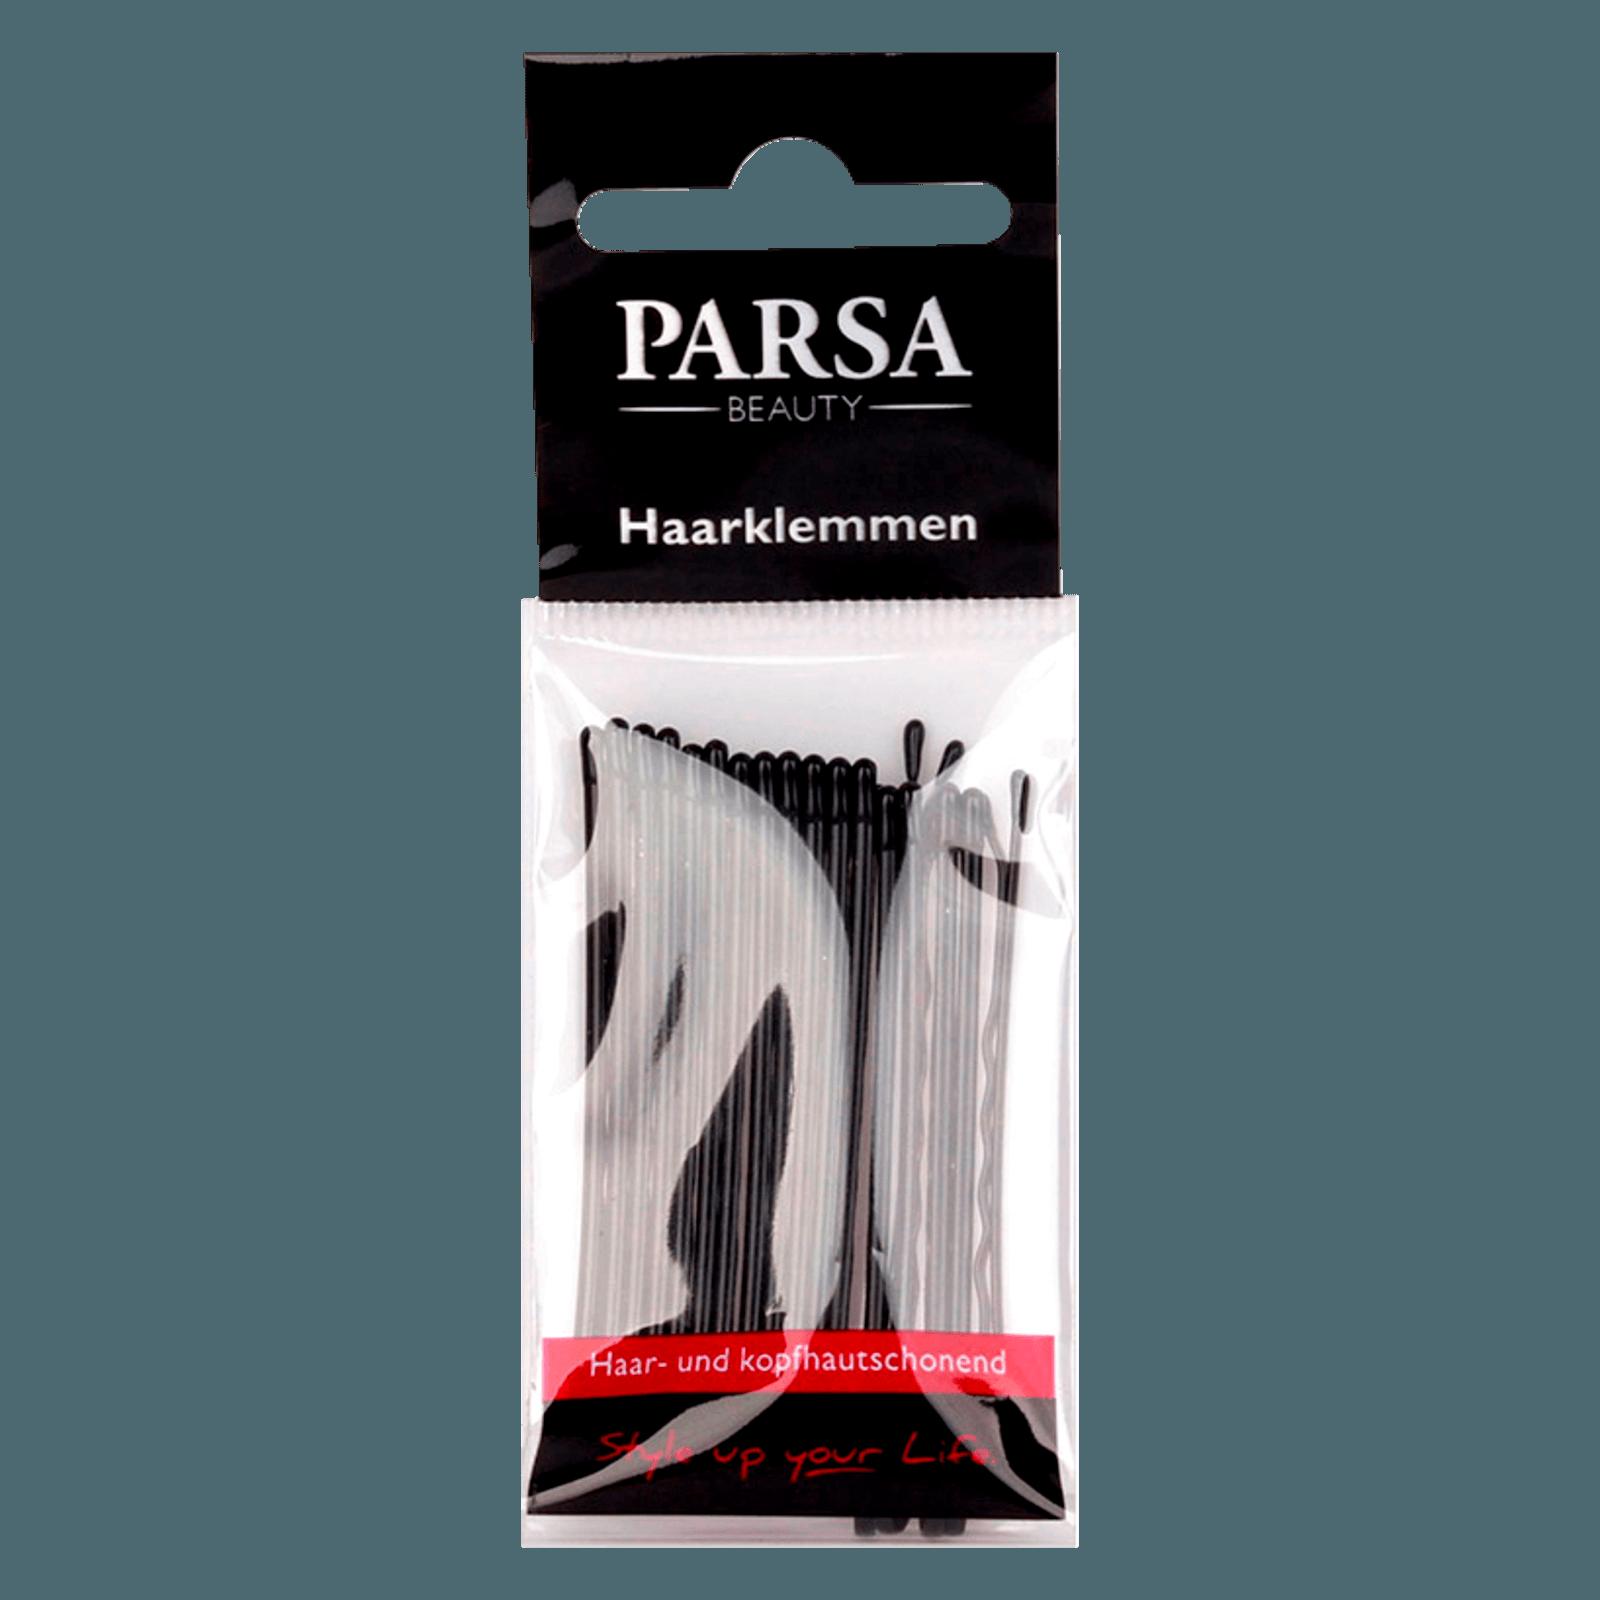 Parsa Beauty Haarklemmen gewellt & schwarz